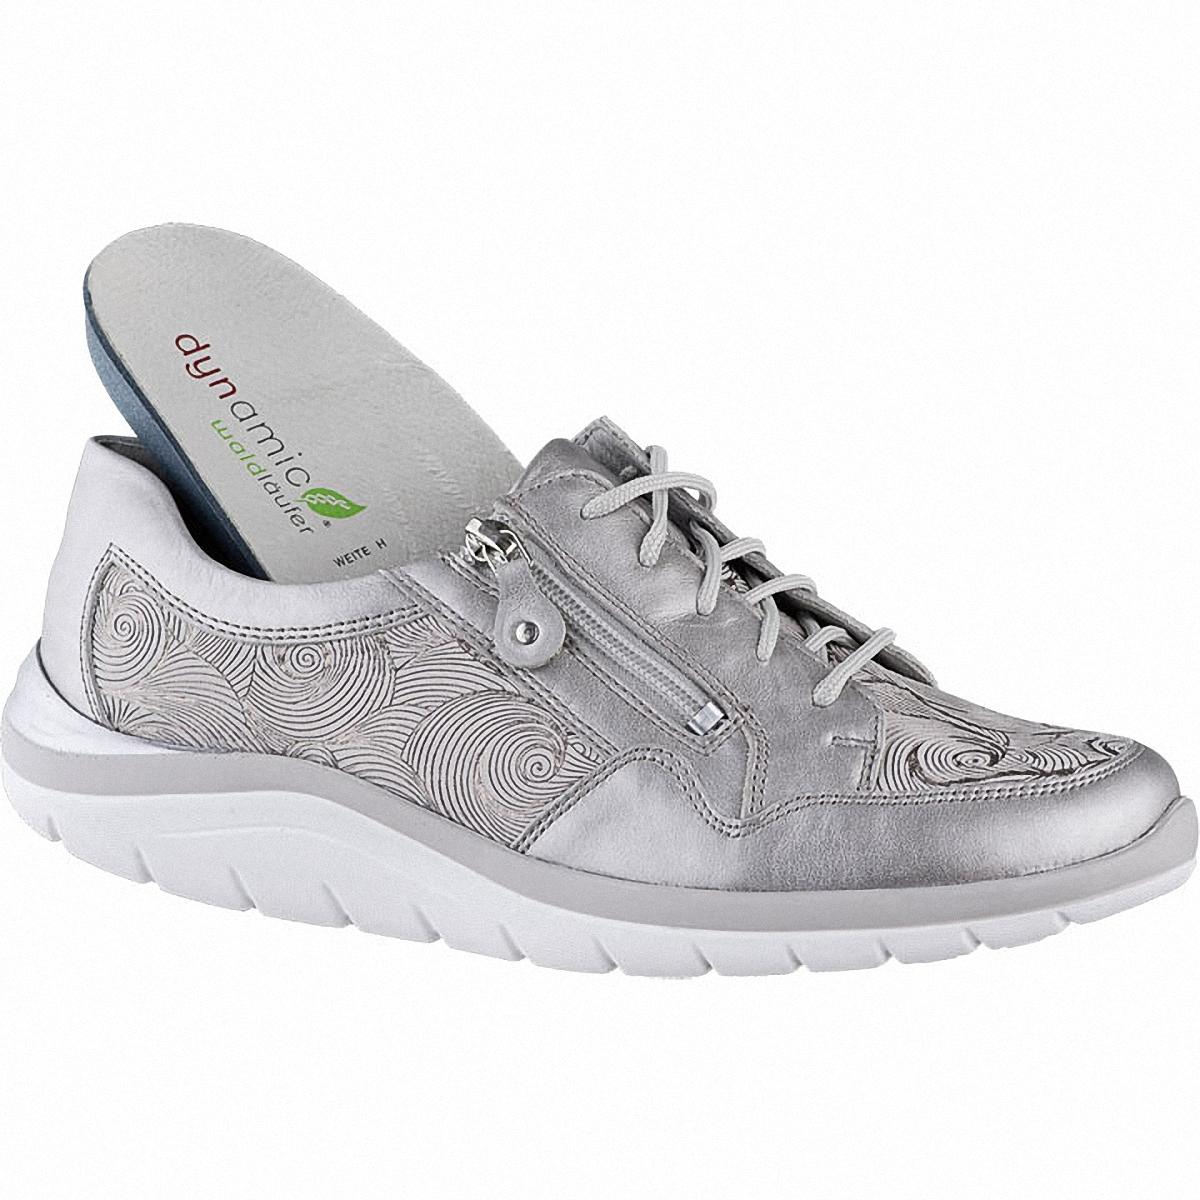 Waldläufer Harper 14 Damen Metallic Leder Sneakers taupe, Leder Fußbett, Extra Weite H, für lose Einlagen